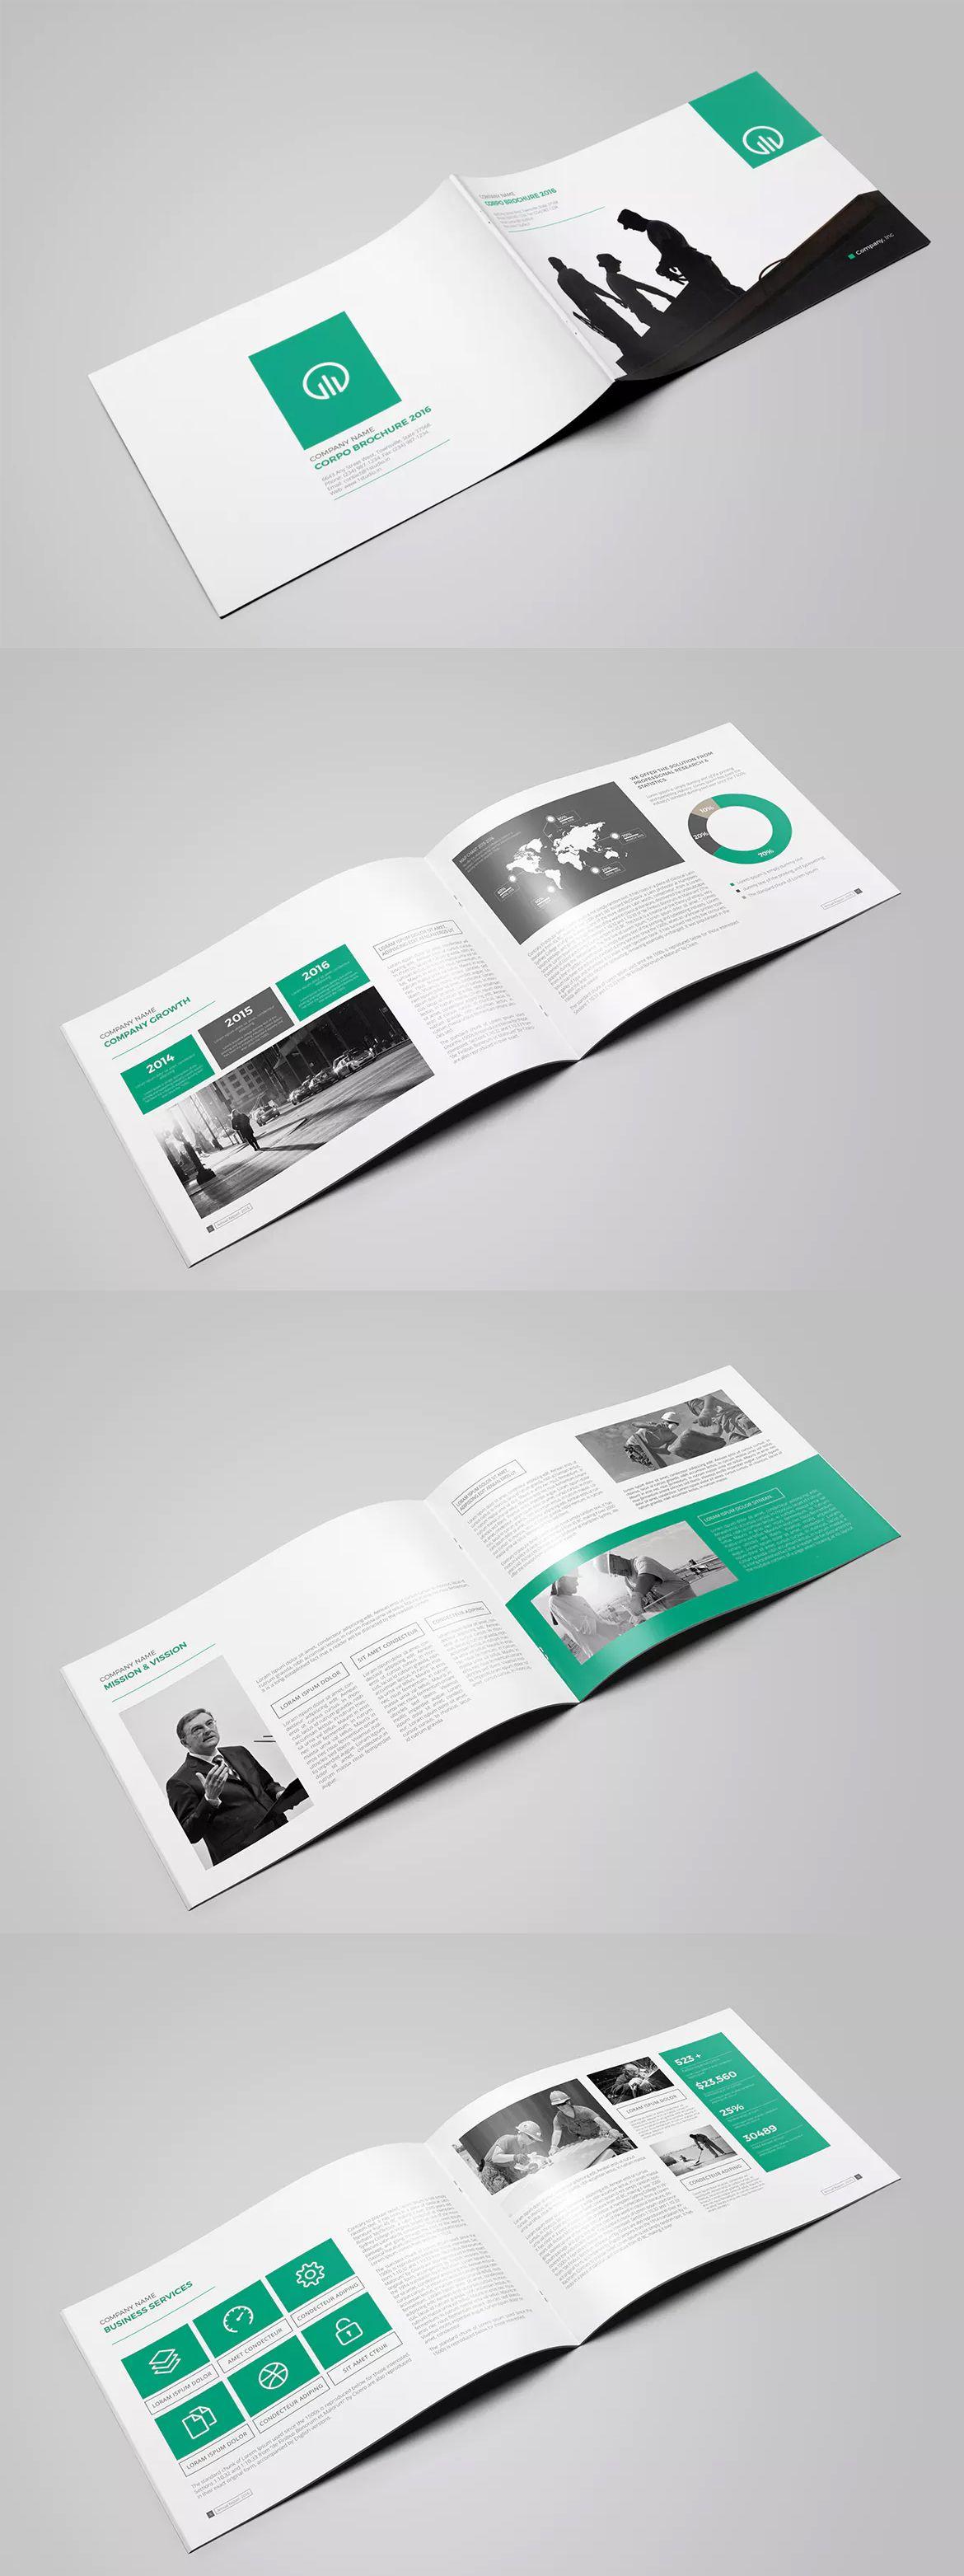 Landscape Multipurpose Brochure Template InDesign INDD A - Brochure templates indesign